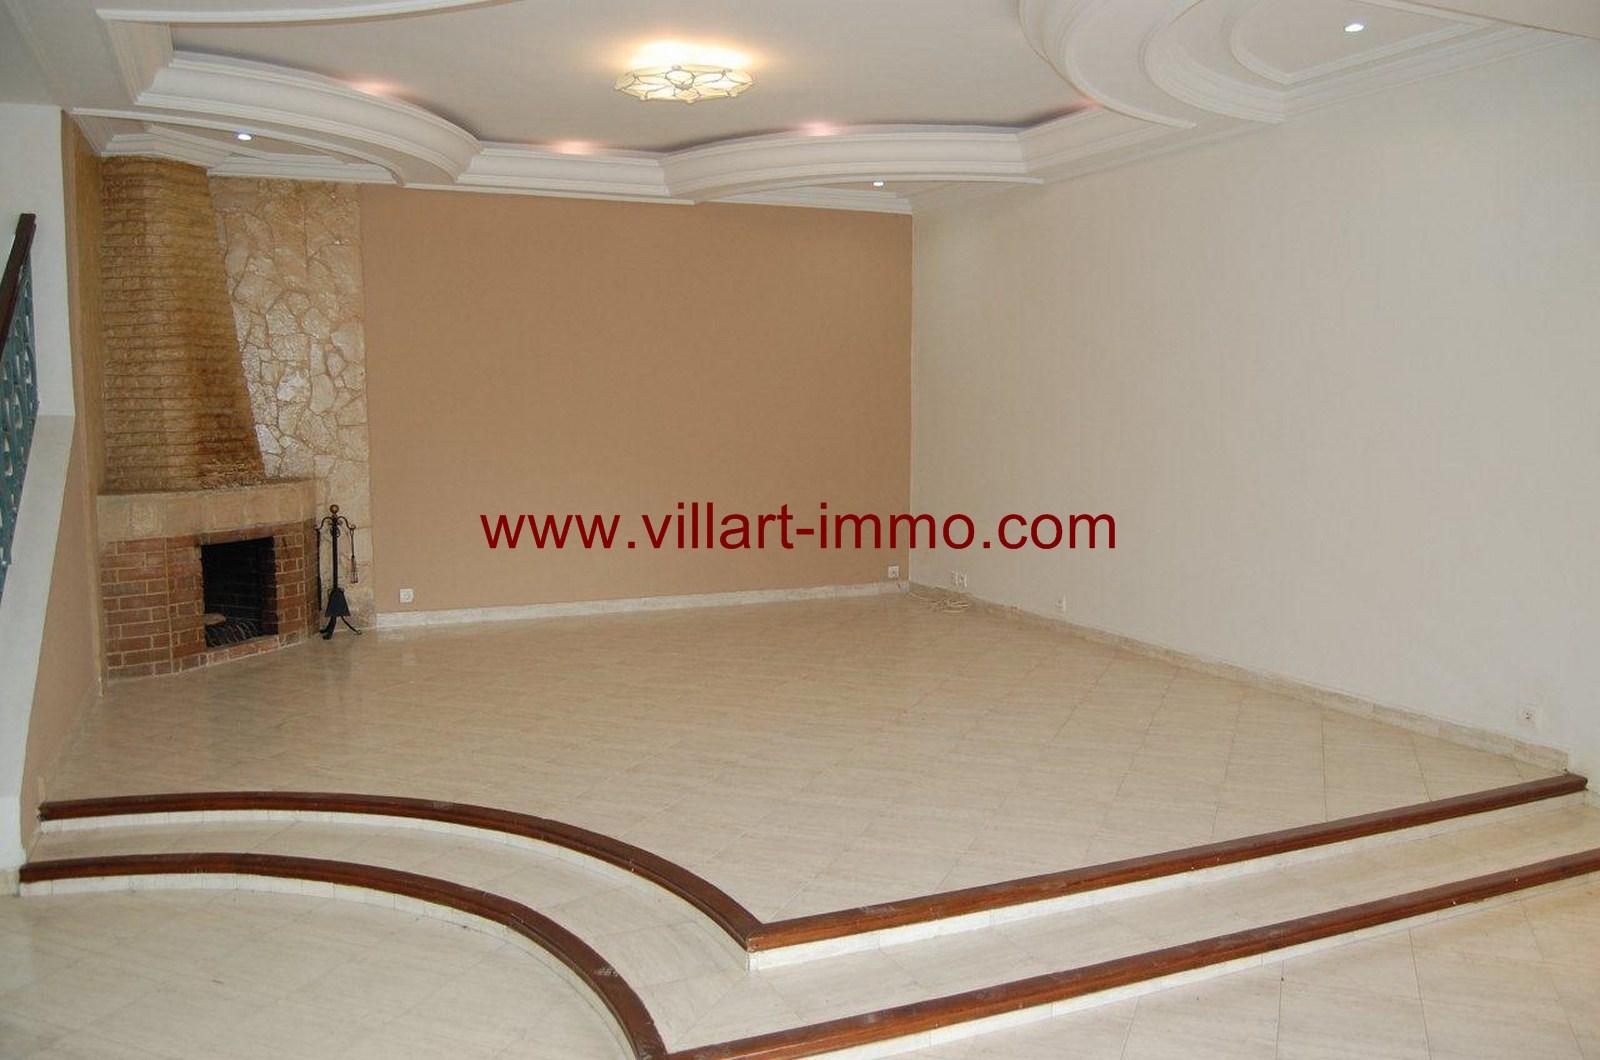 5-vente-villa-tanger-malabata-salon-2-va362-villart-immo